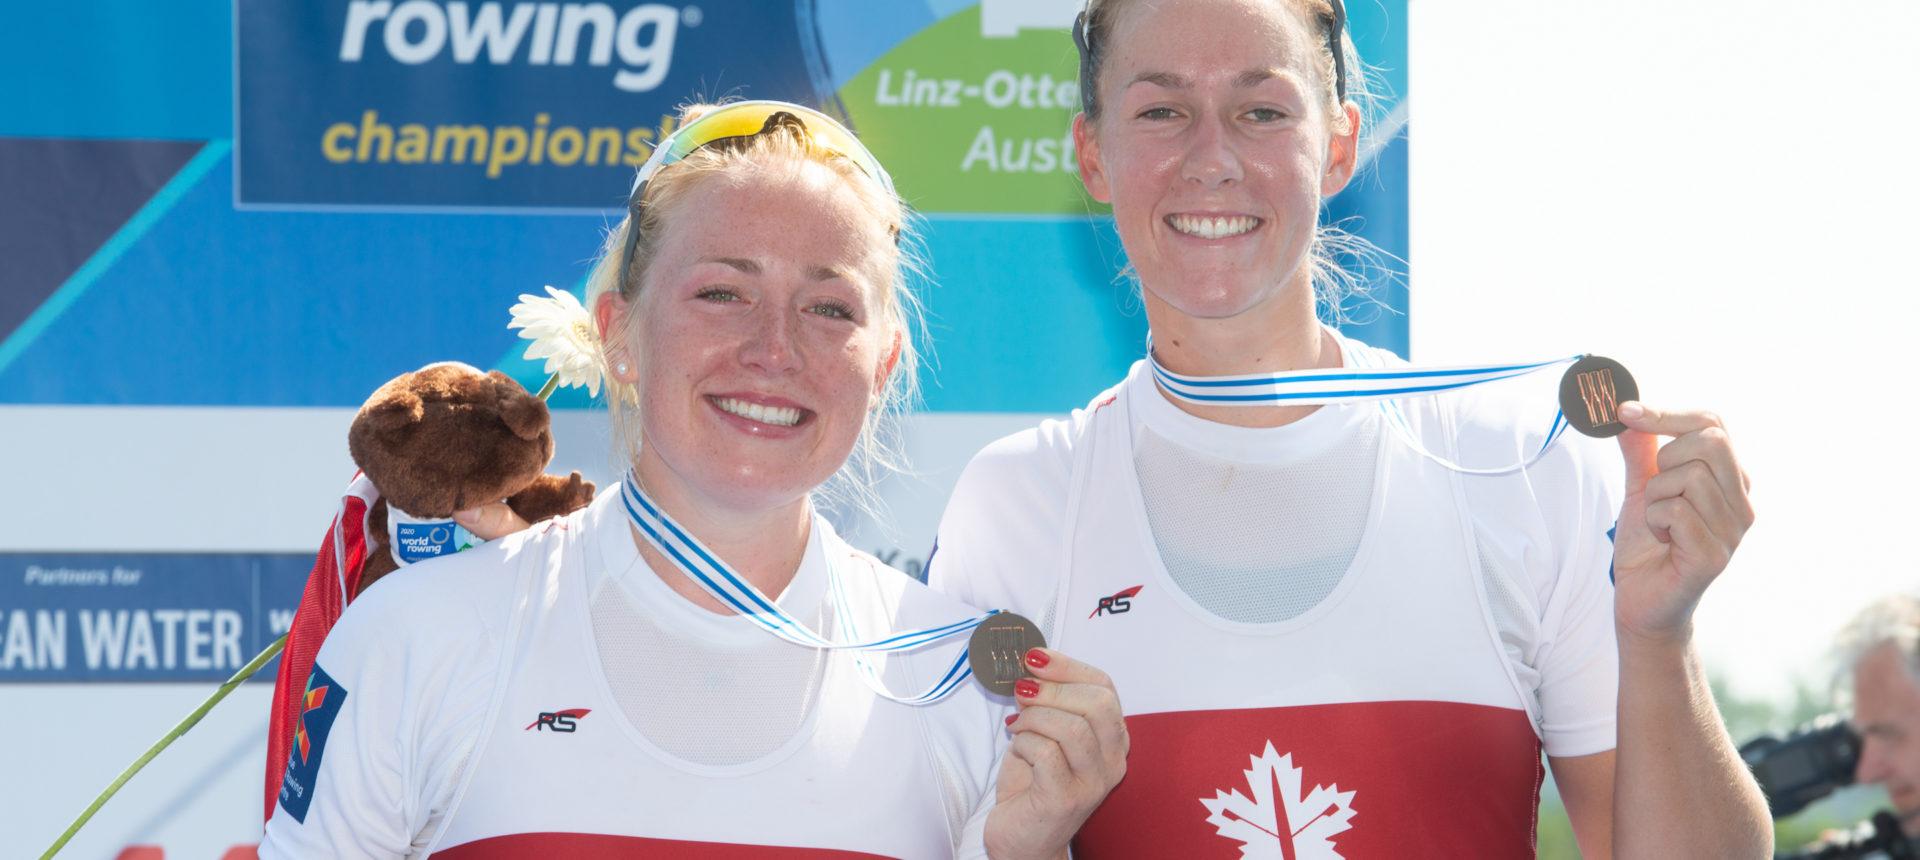 Une médaille de bronze et deux autres embarcations qualifiées pour les Jeux olympiques de Tokyo